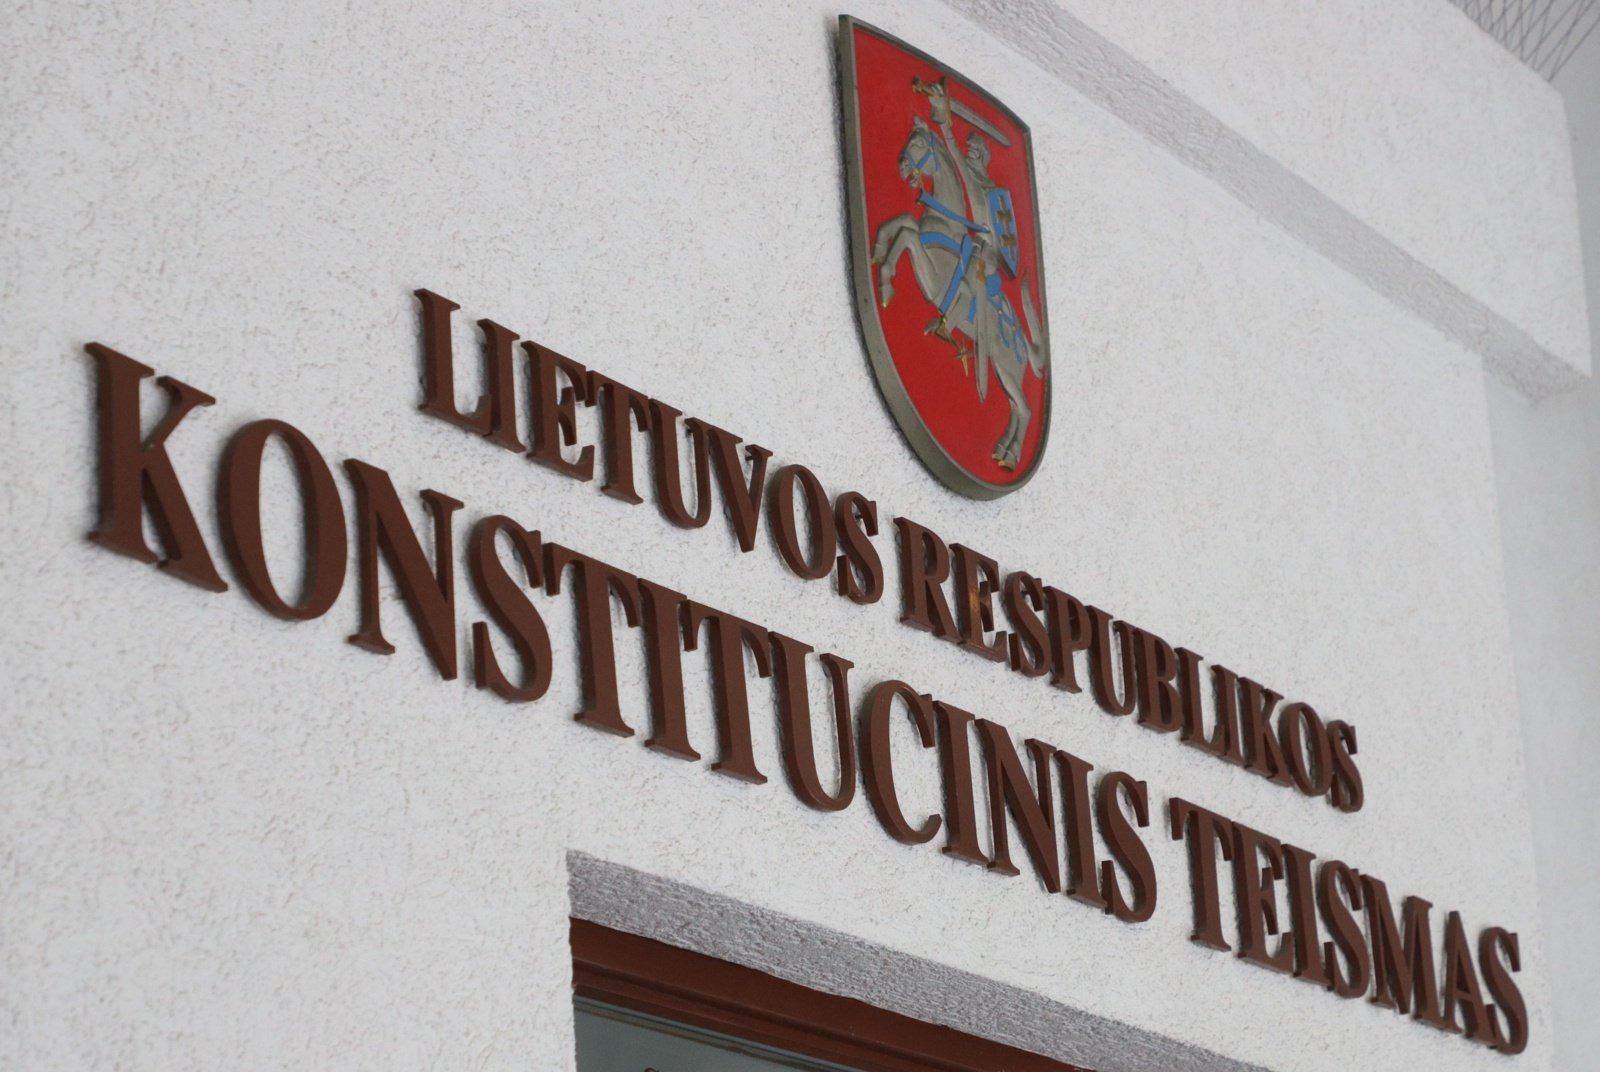 E. Šileikis apie KT teisėjų paskyrimo procedūrą: Seime vyksta apgailėtinos manipuliacijos